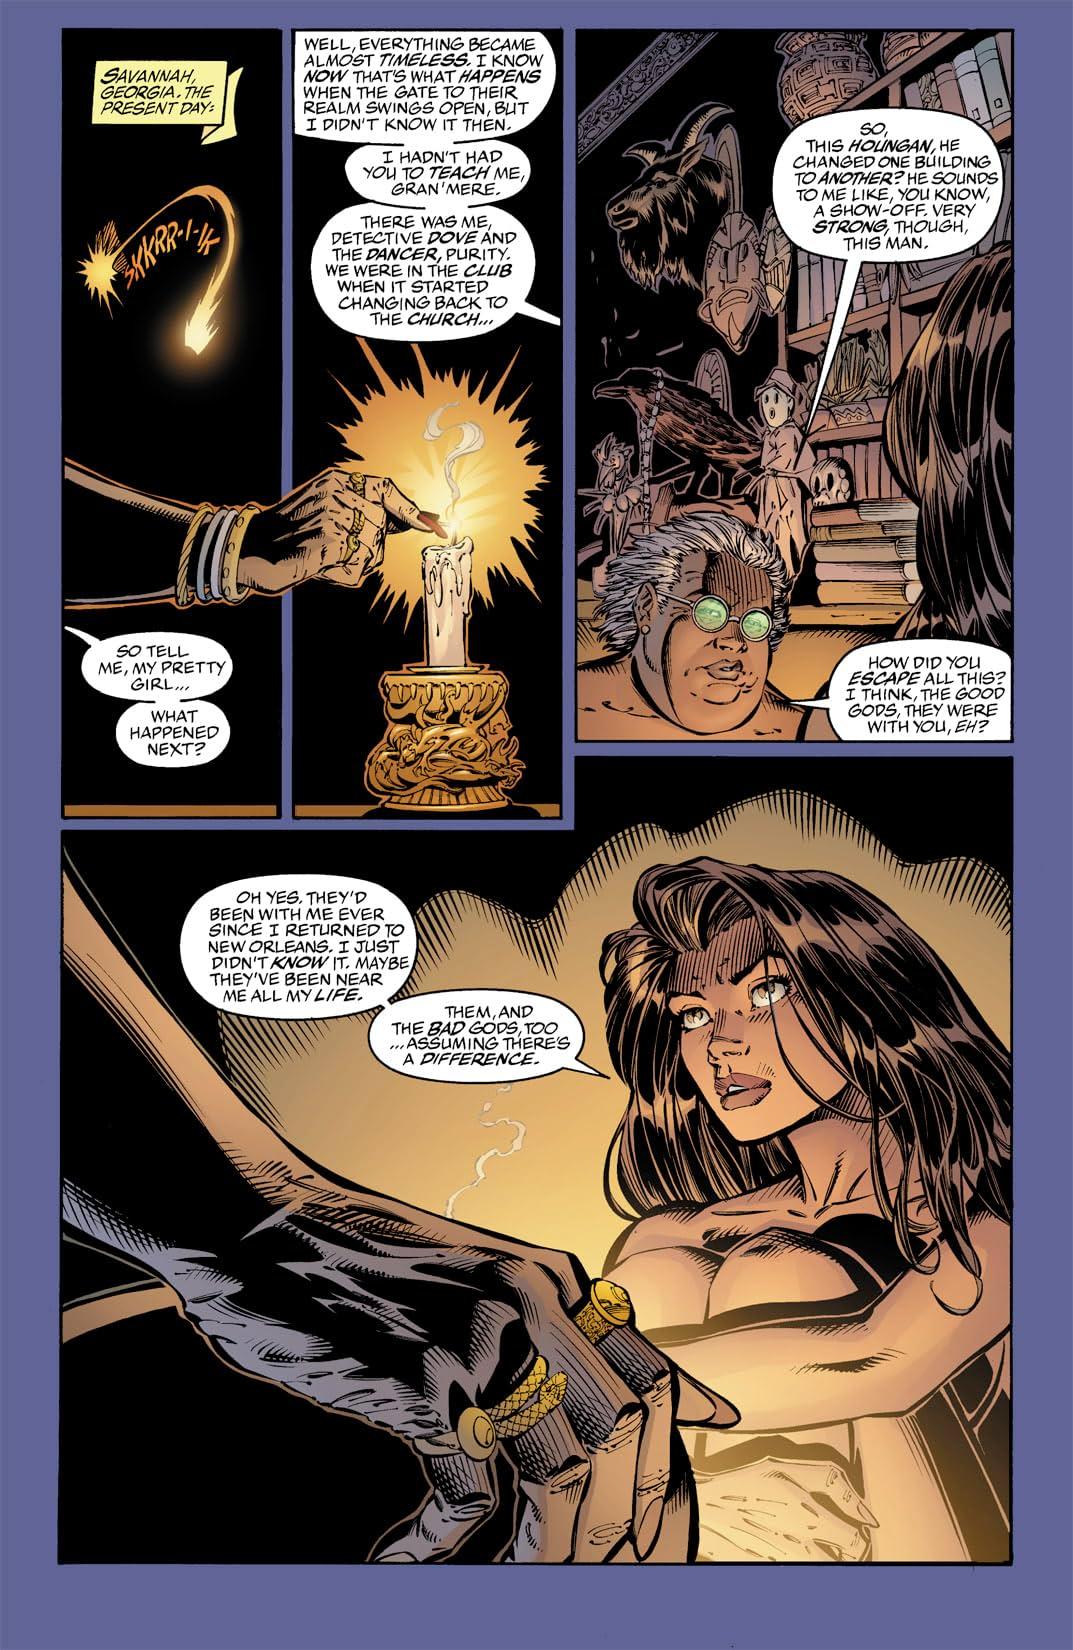 Voodoo (1997-1998) #4 (of 4)